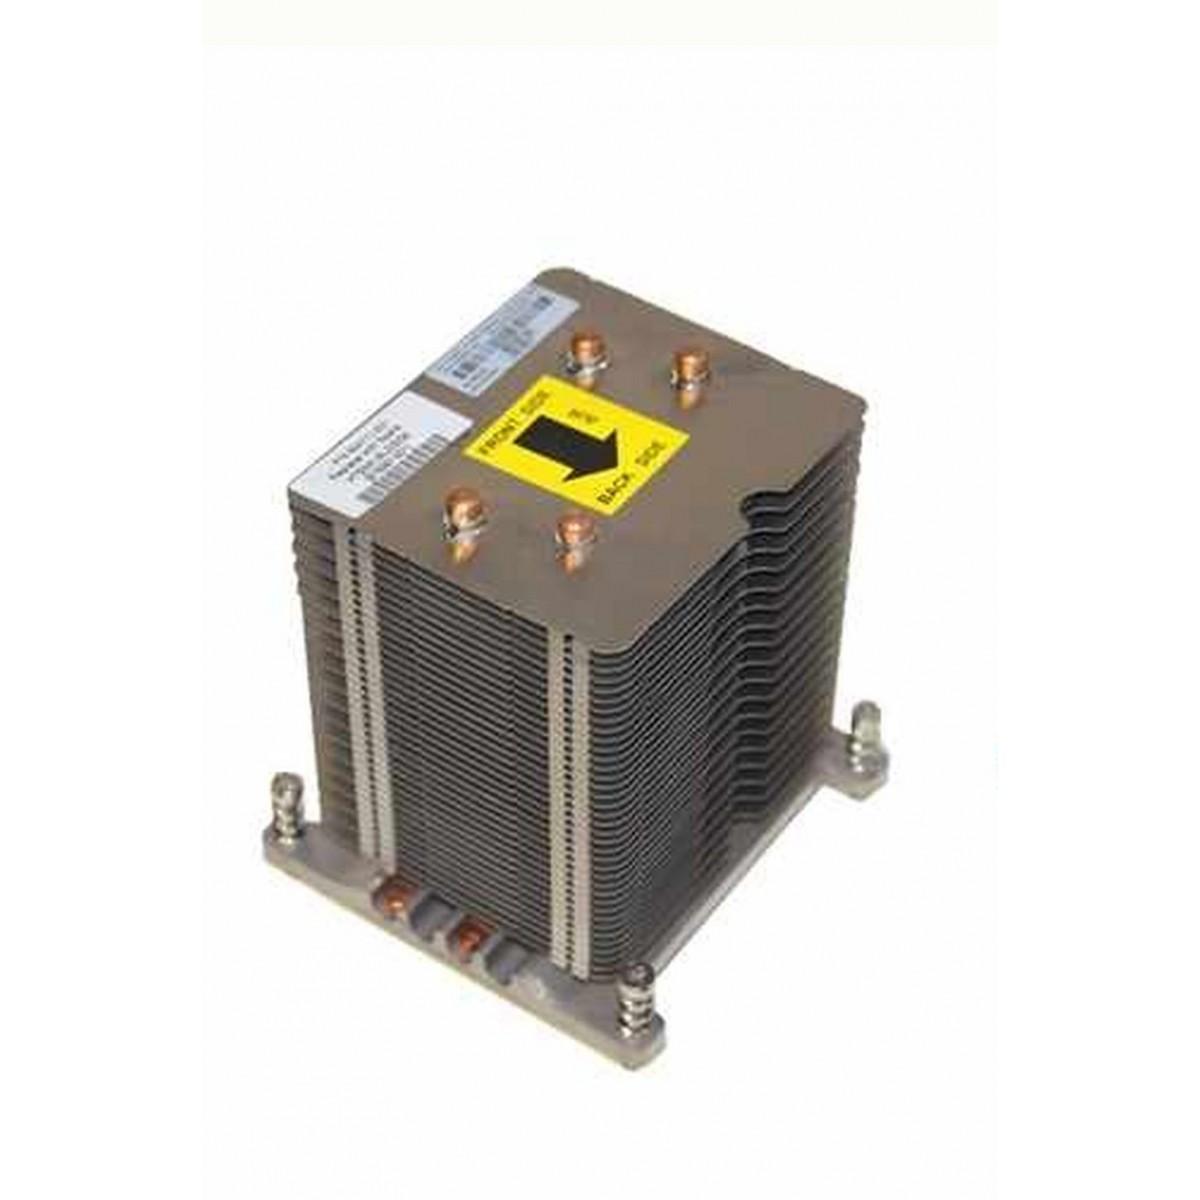 RADIATOR HEATSINK HP ML350 G6 504117-001